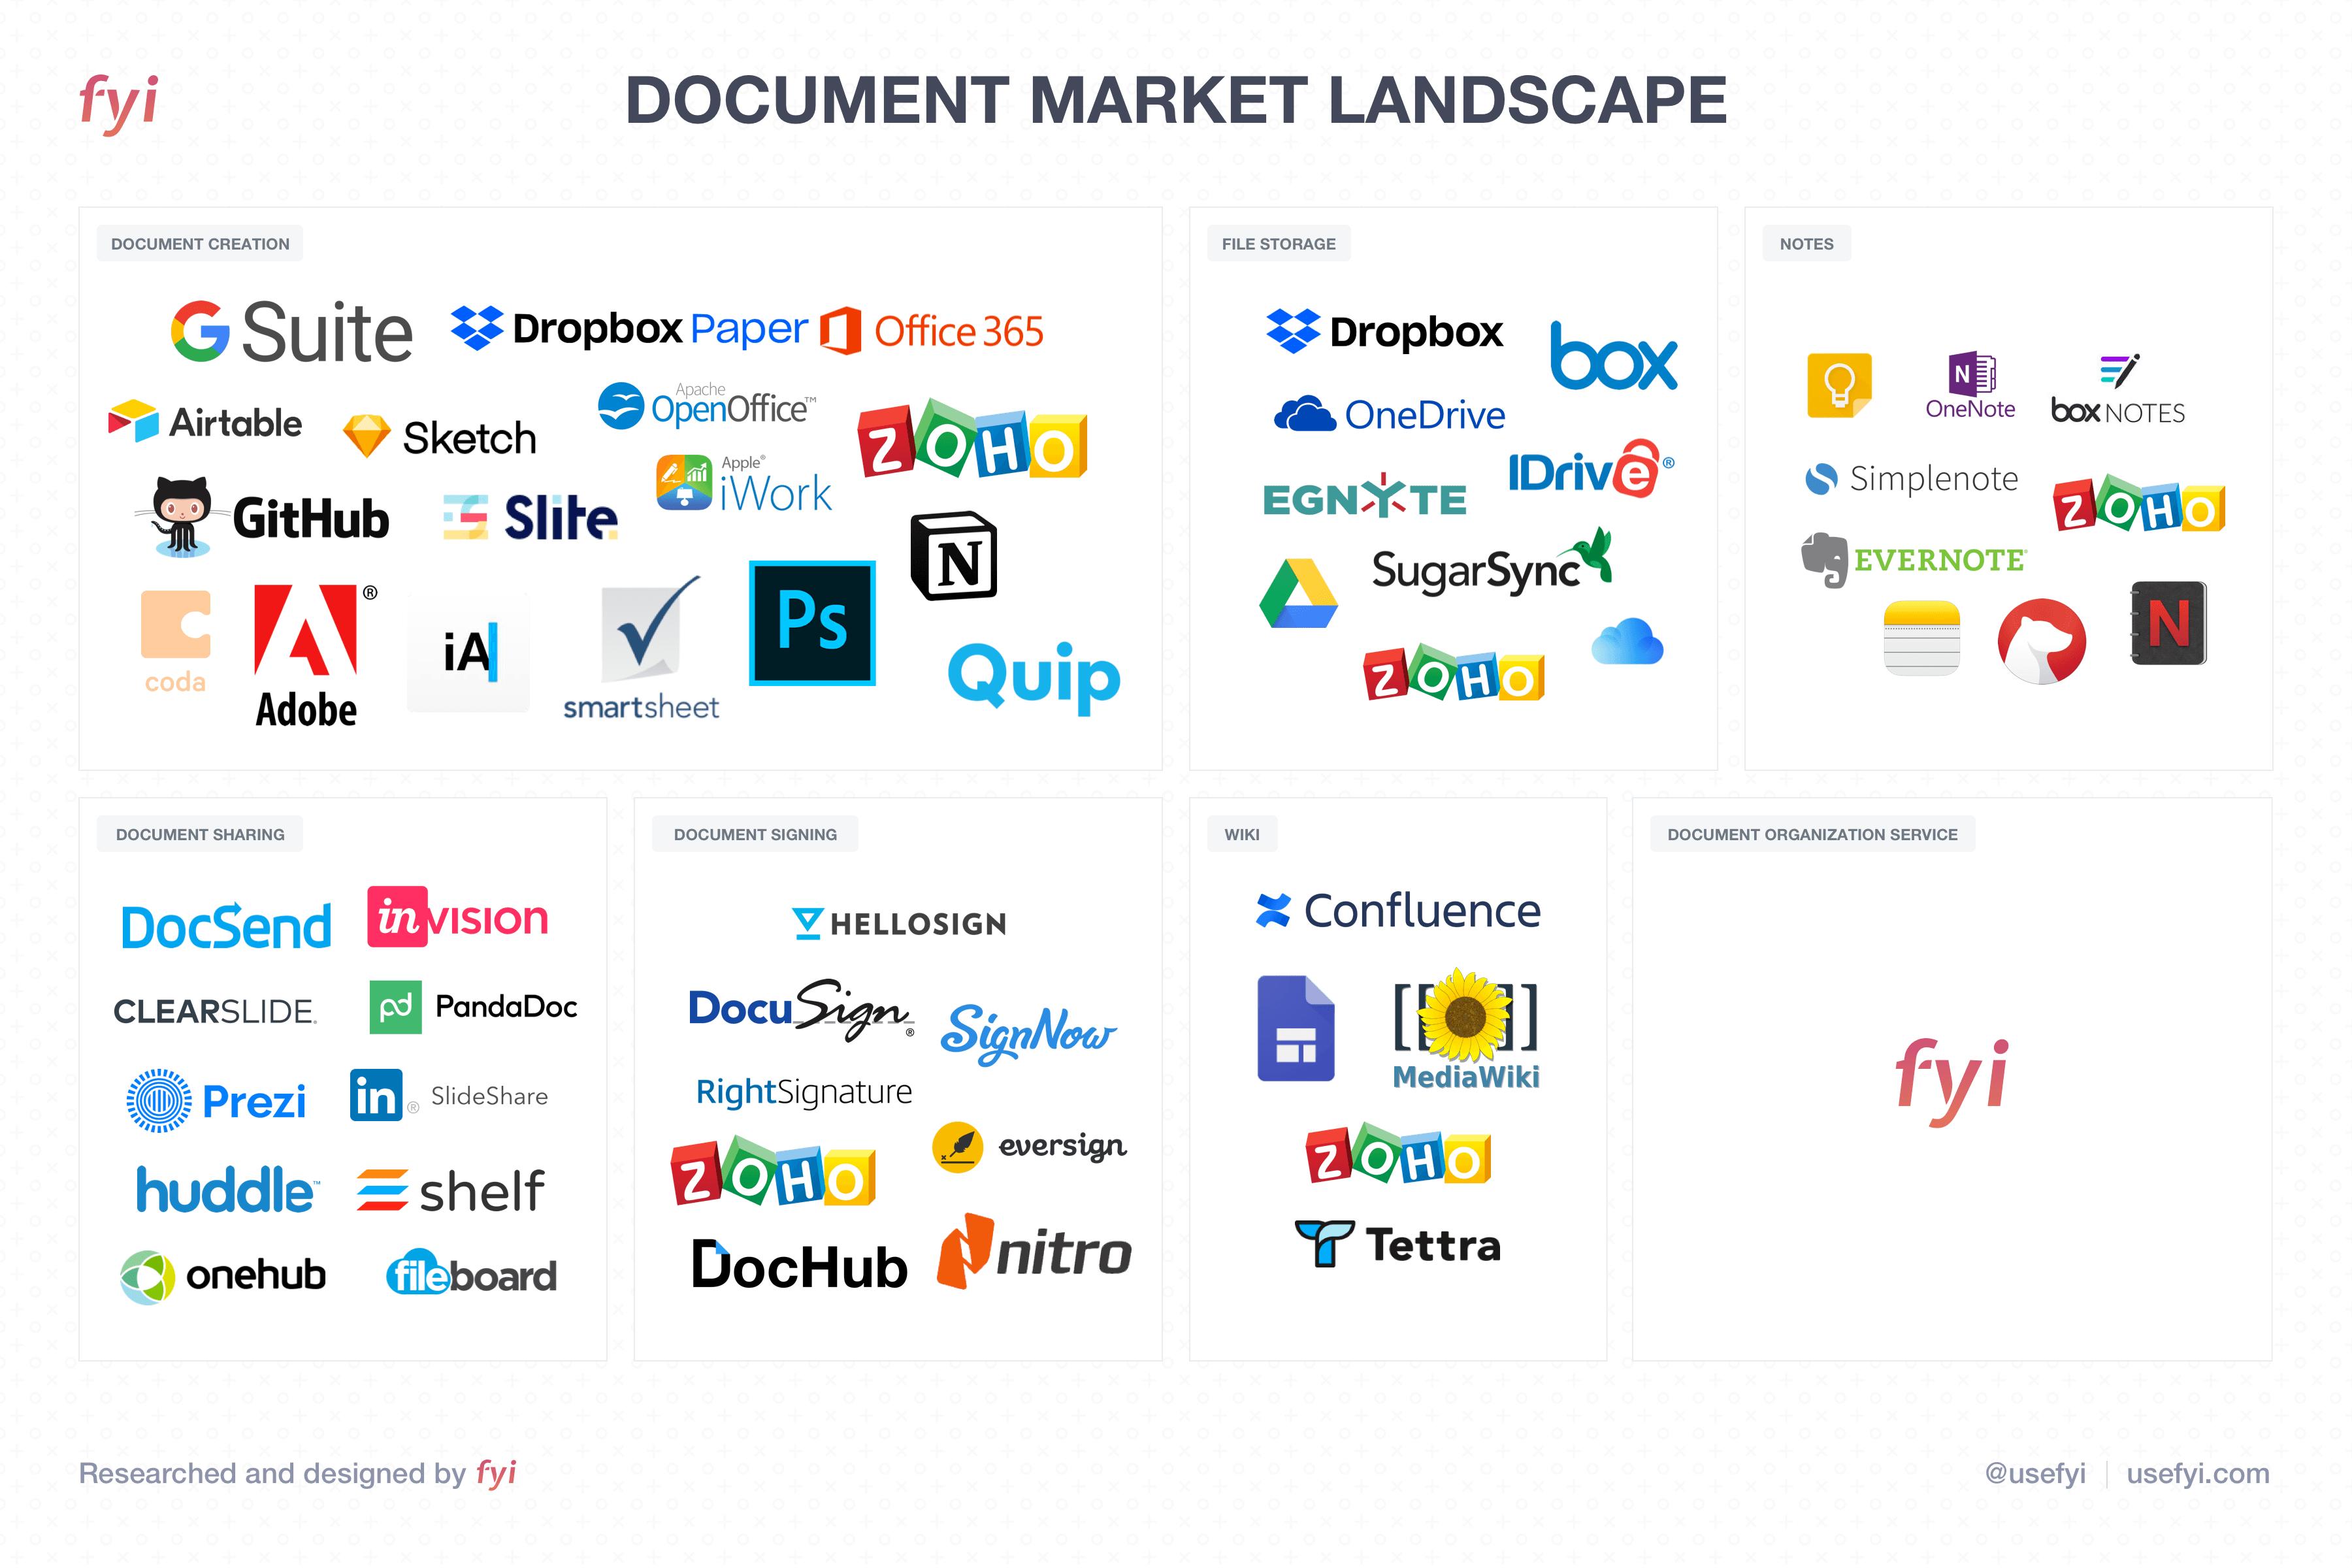 The Document Market Landscape